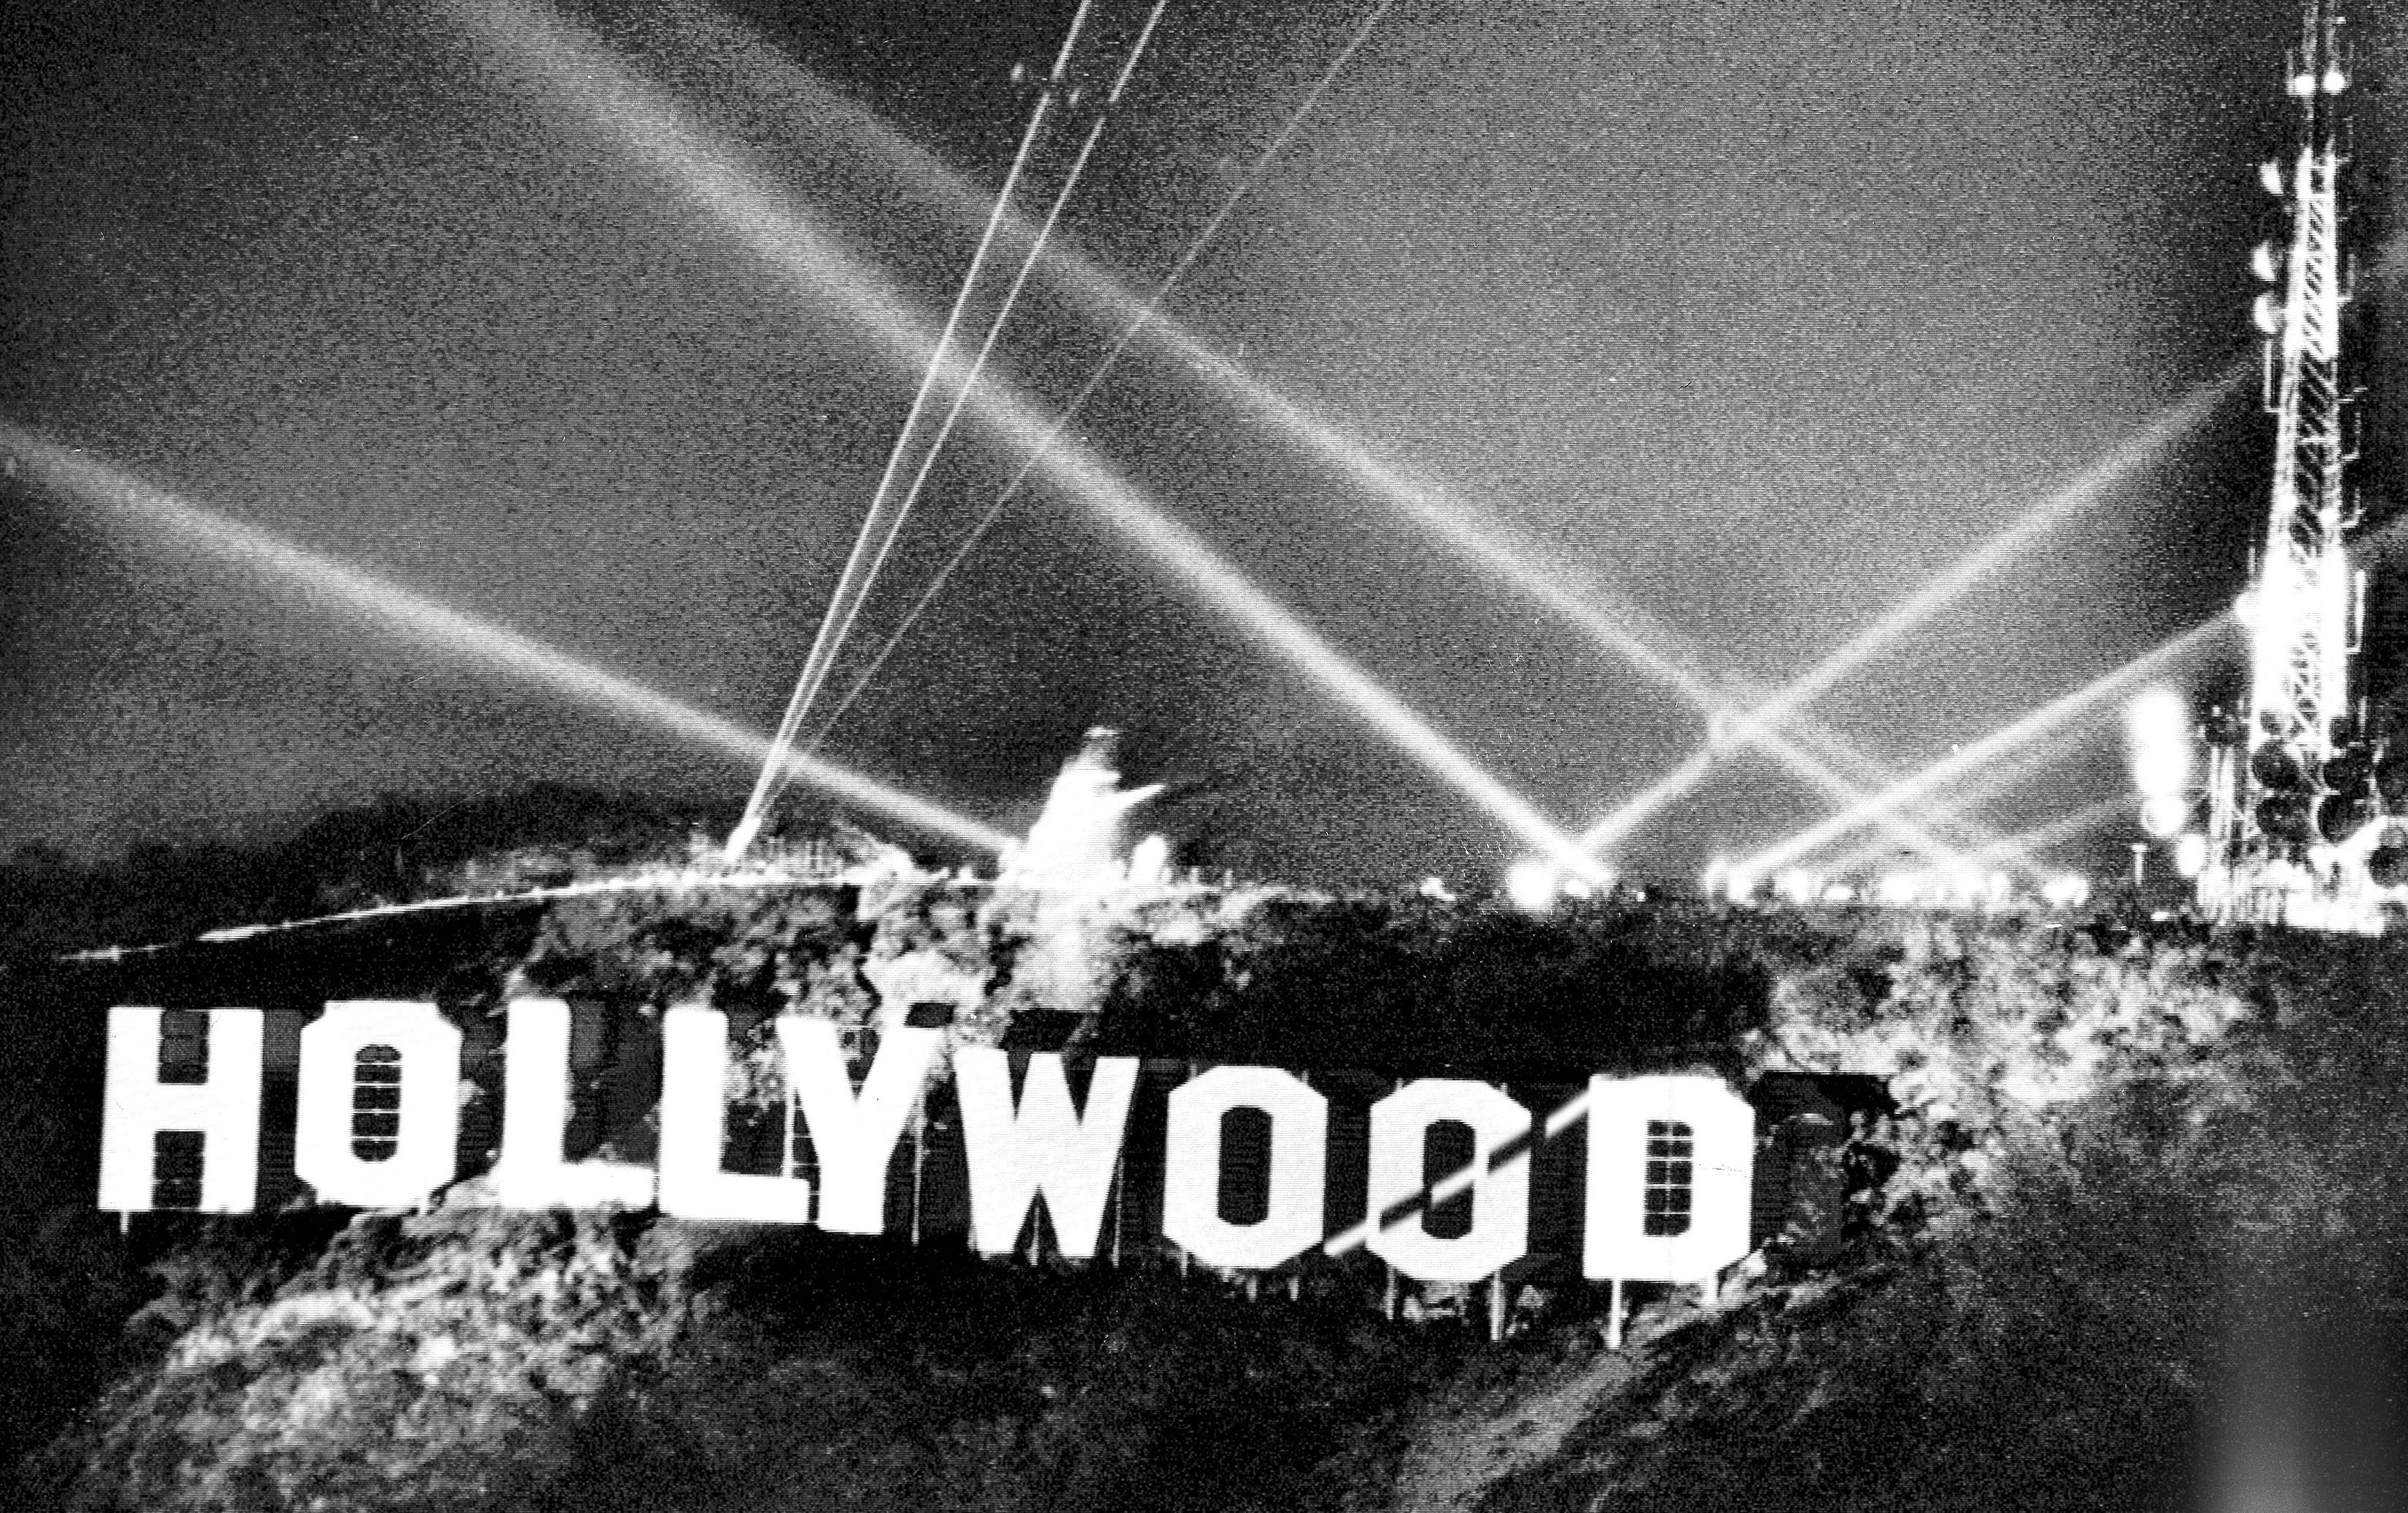 洛杉矶最著名的地标,应是矗立于「李山」山顶上的HOLLYWOOD标志。 1978年11月11日,花花公子创办人海夫纳等九人出资,换掉旧标志,让新的标志更耀眼。 (美联社)